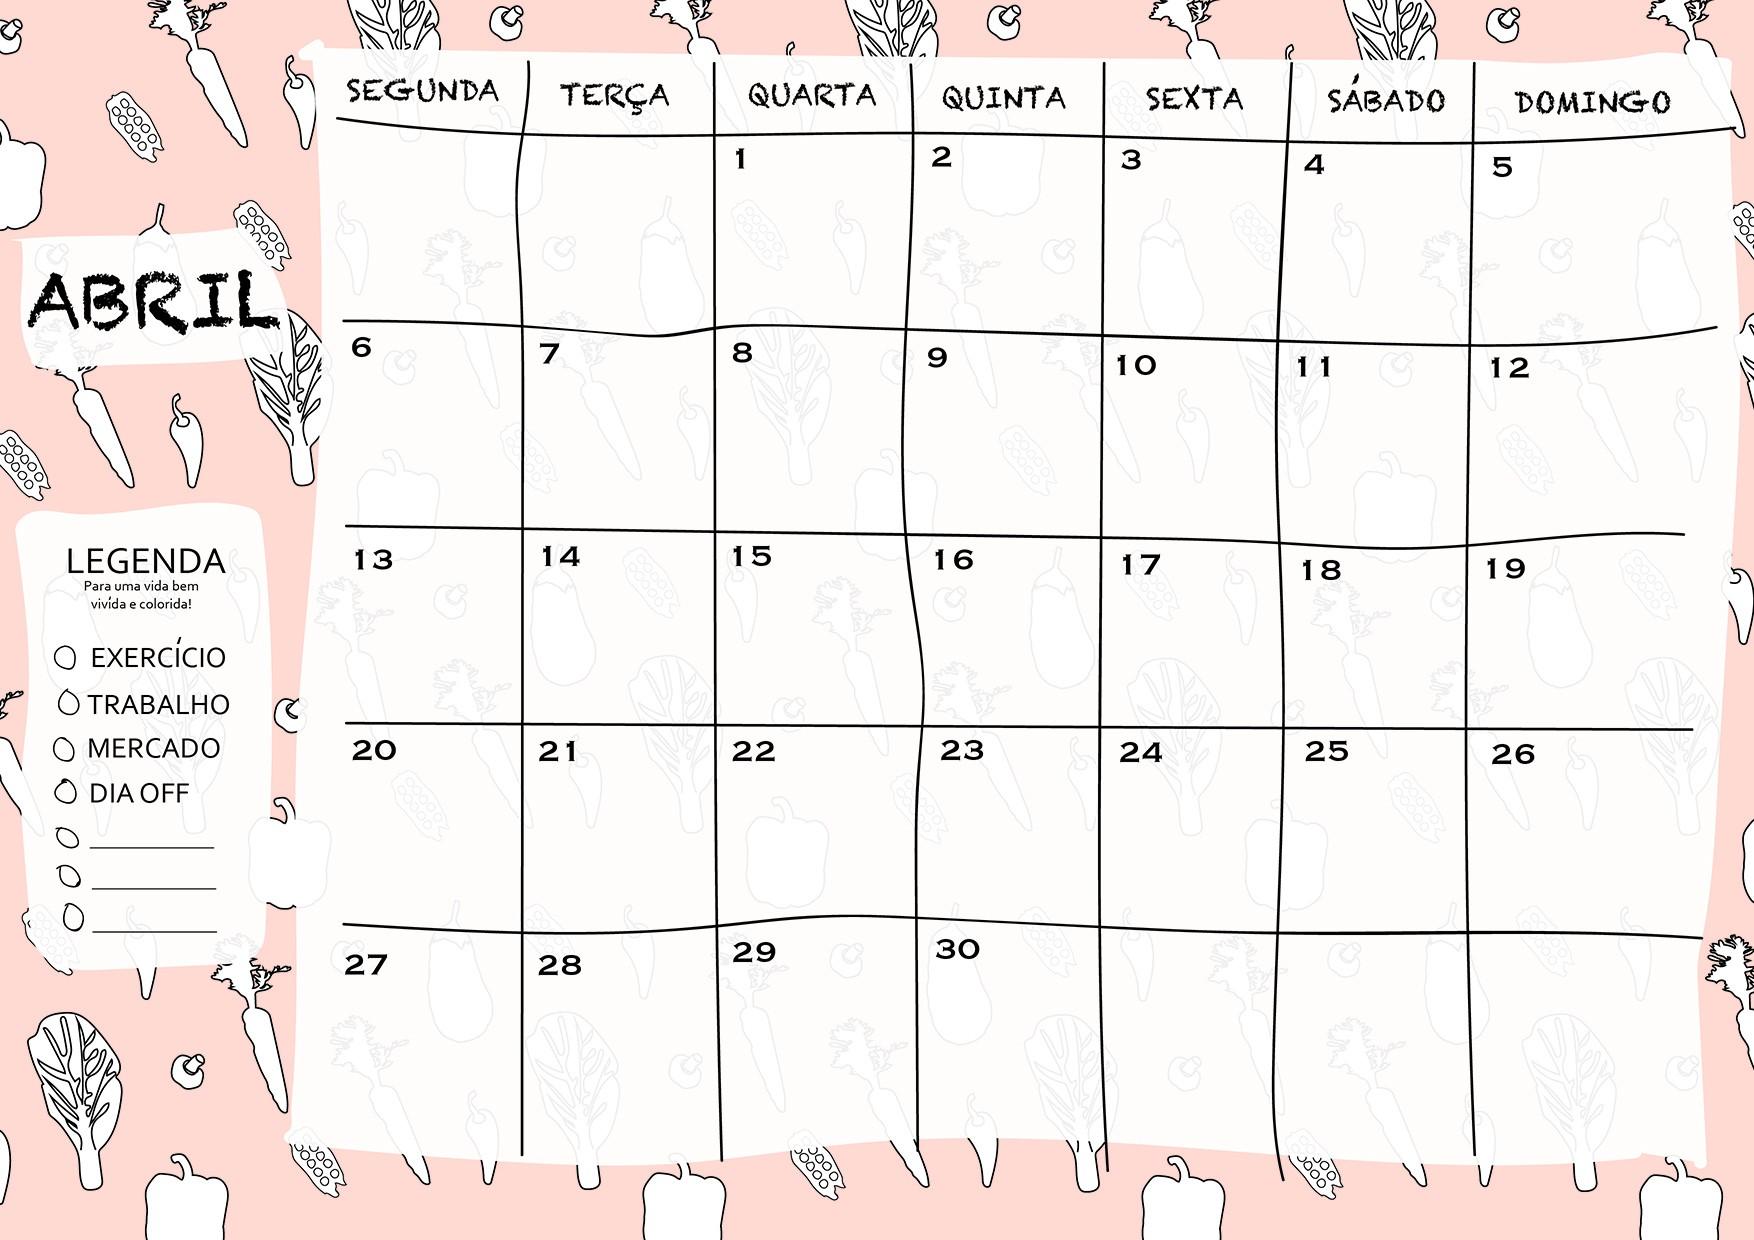 Calendário 2019 Com Feriados Portugal Para Imprimir Más Actual Calendario Por Mes Calendrio MŠs De Maio Calendário Mªs Ano Of Calendário 2019 Com Feriados Portugal Para Imprimir Más Caliente Lua Calendrio Lunar E Fases Da Lua T